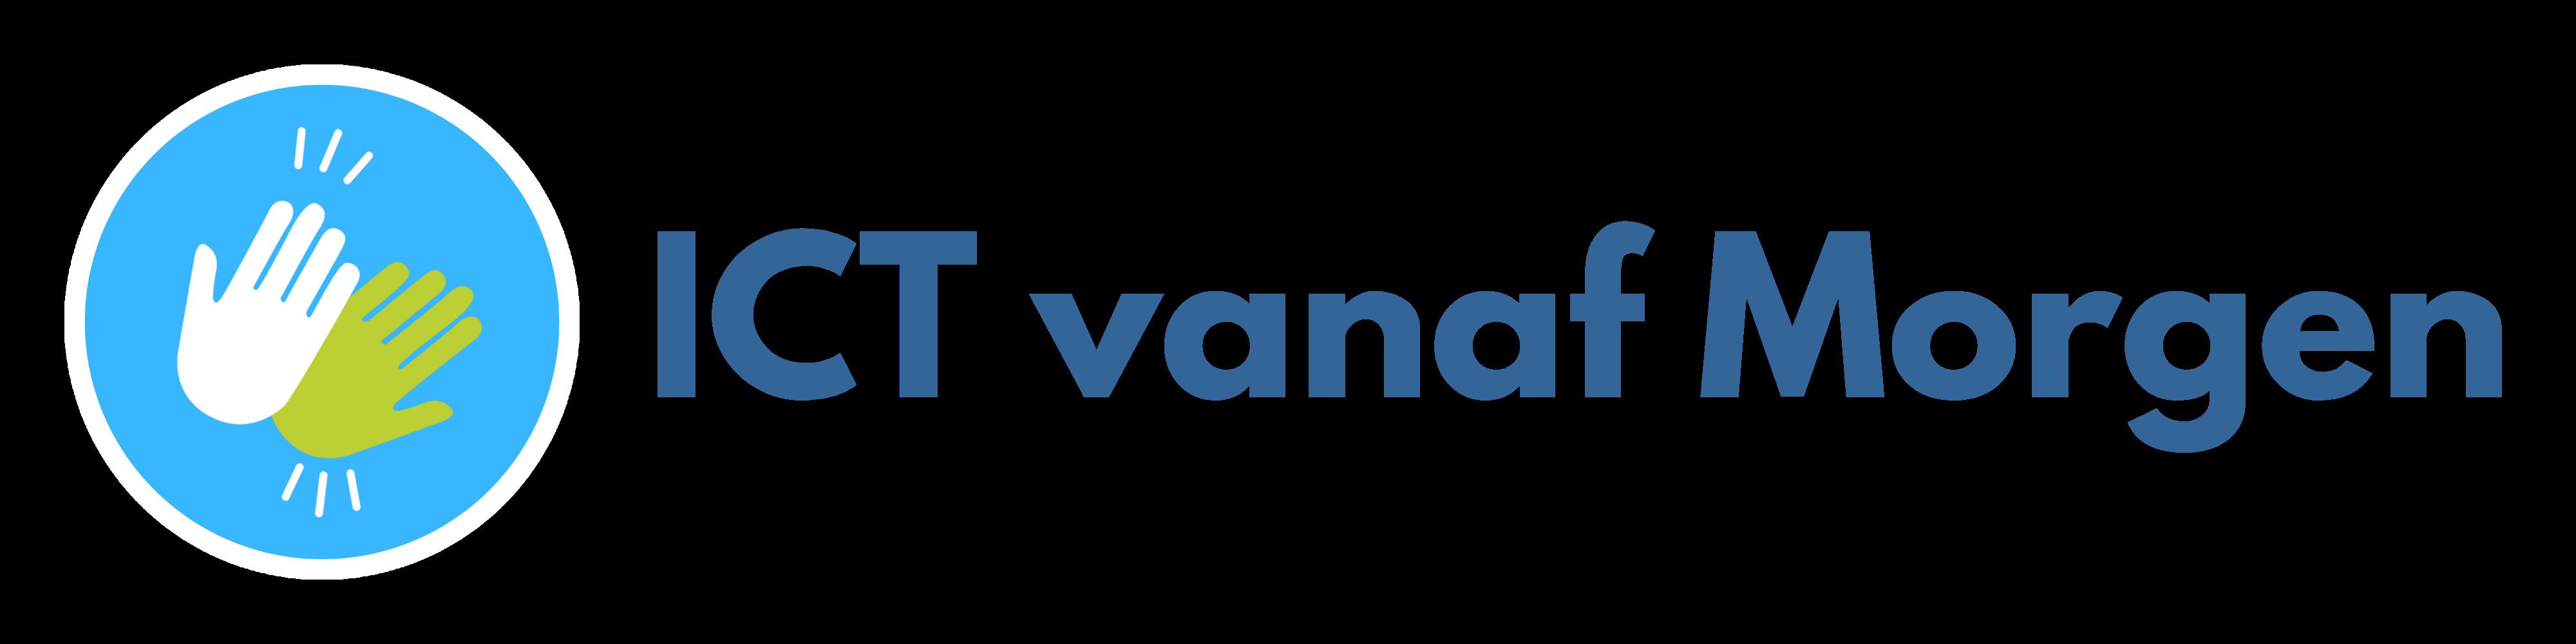 Logo 2) ICT vanaf Morgen